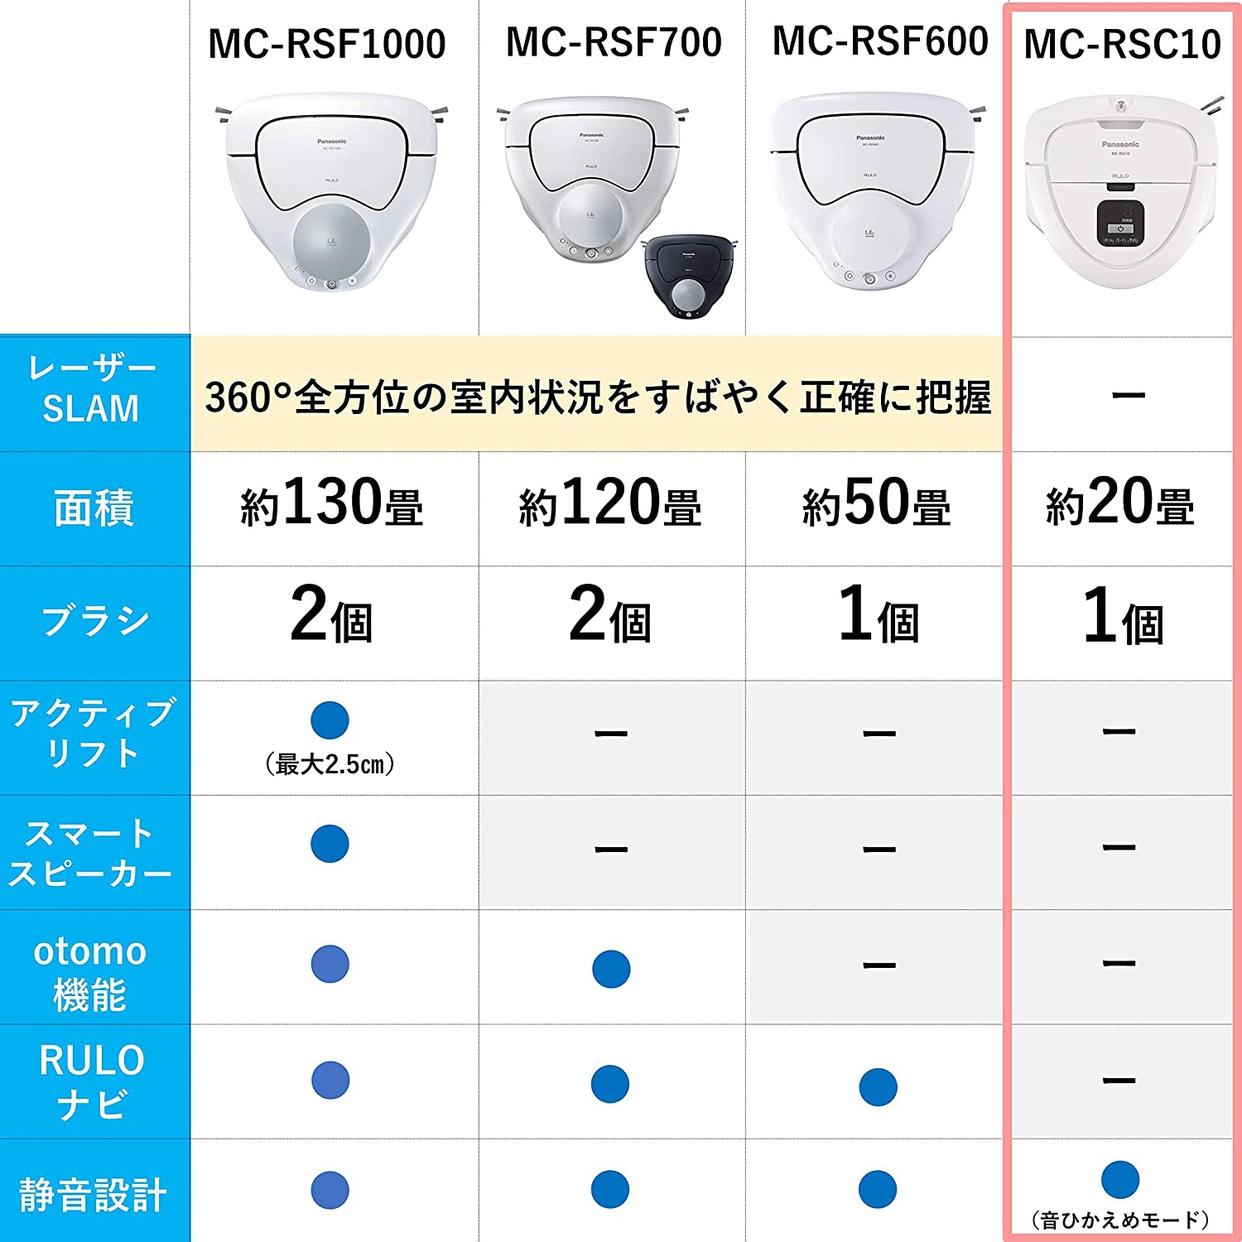 Panasonic(パナソニック) ルーロ ミニ MC-RSC10の商品画像2